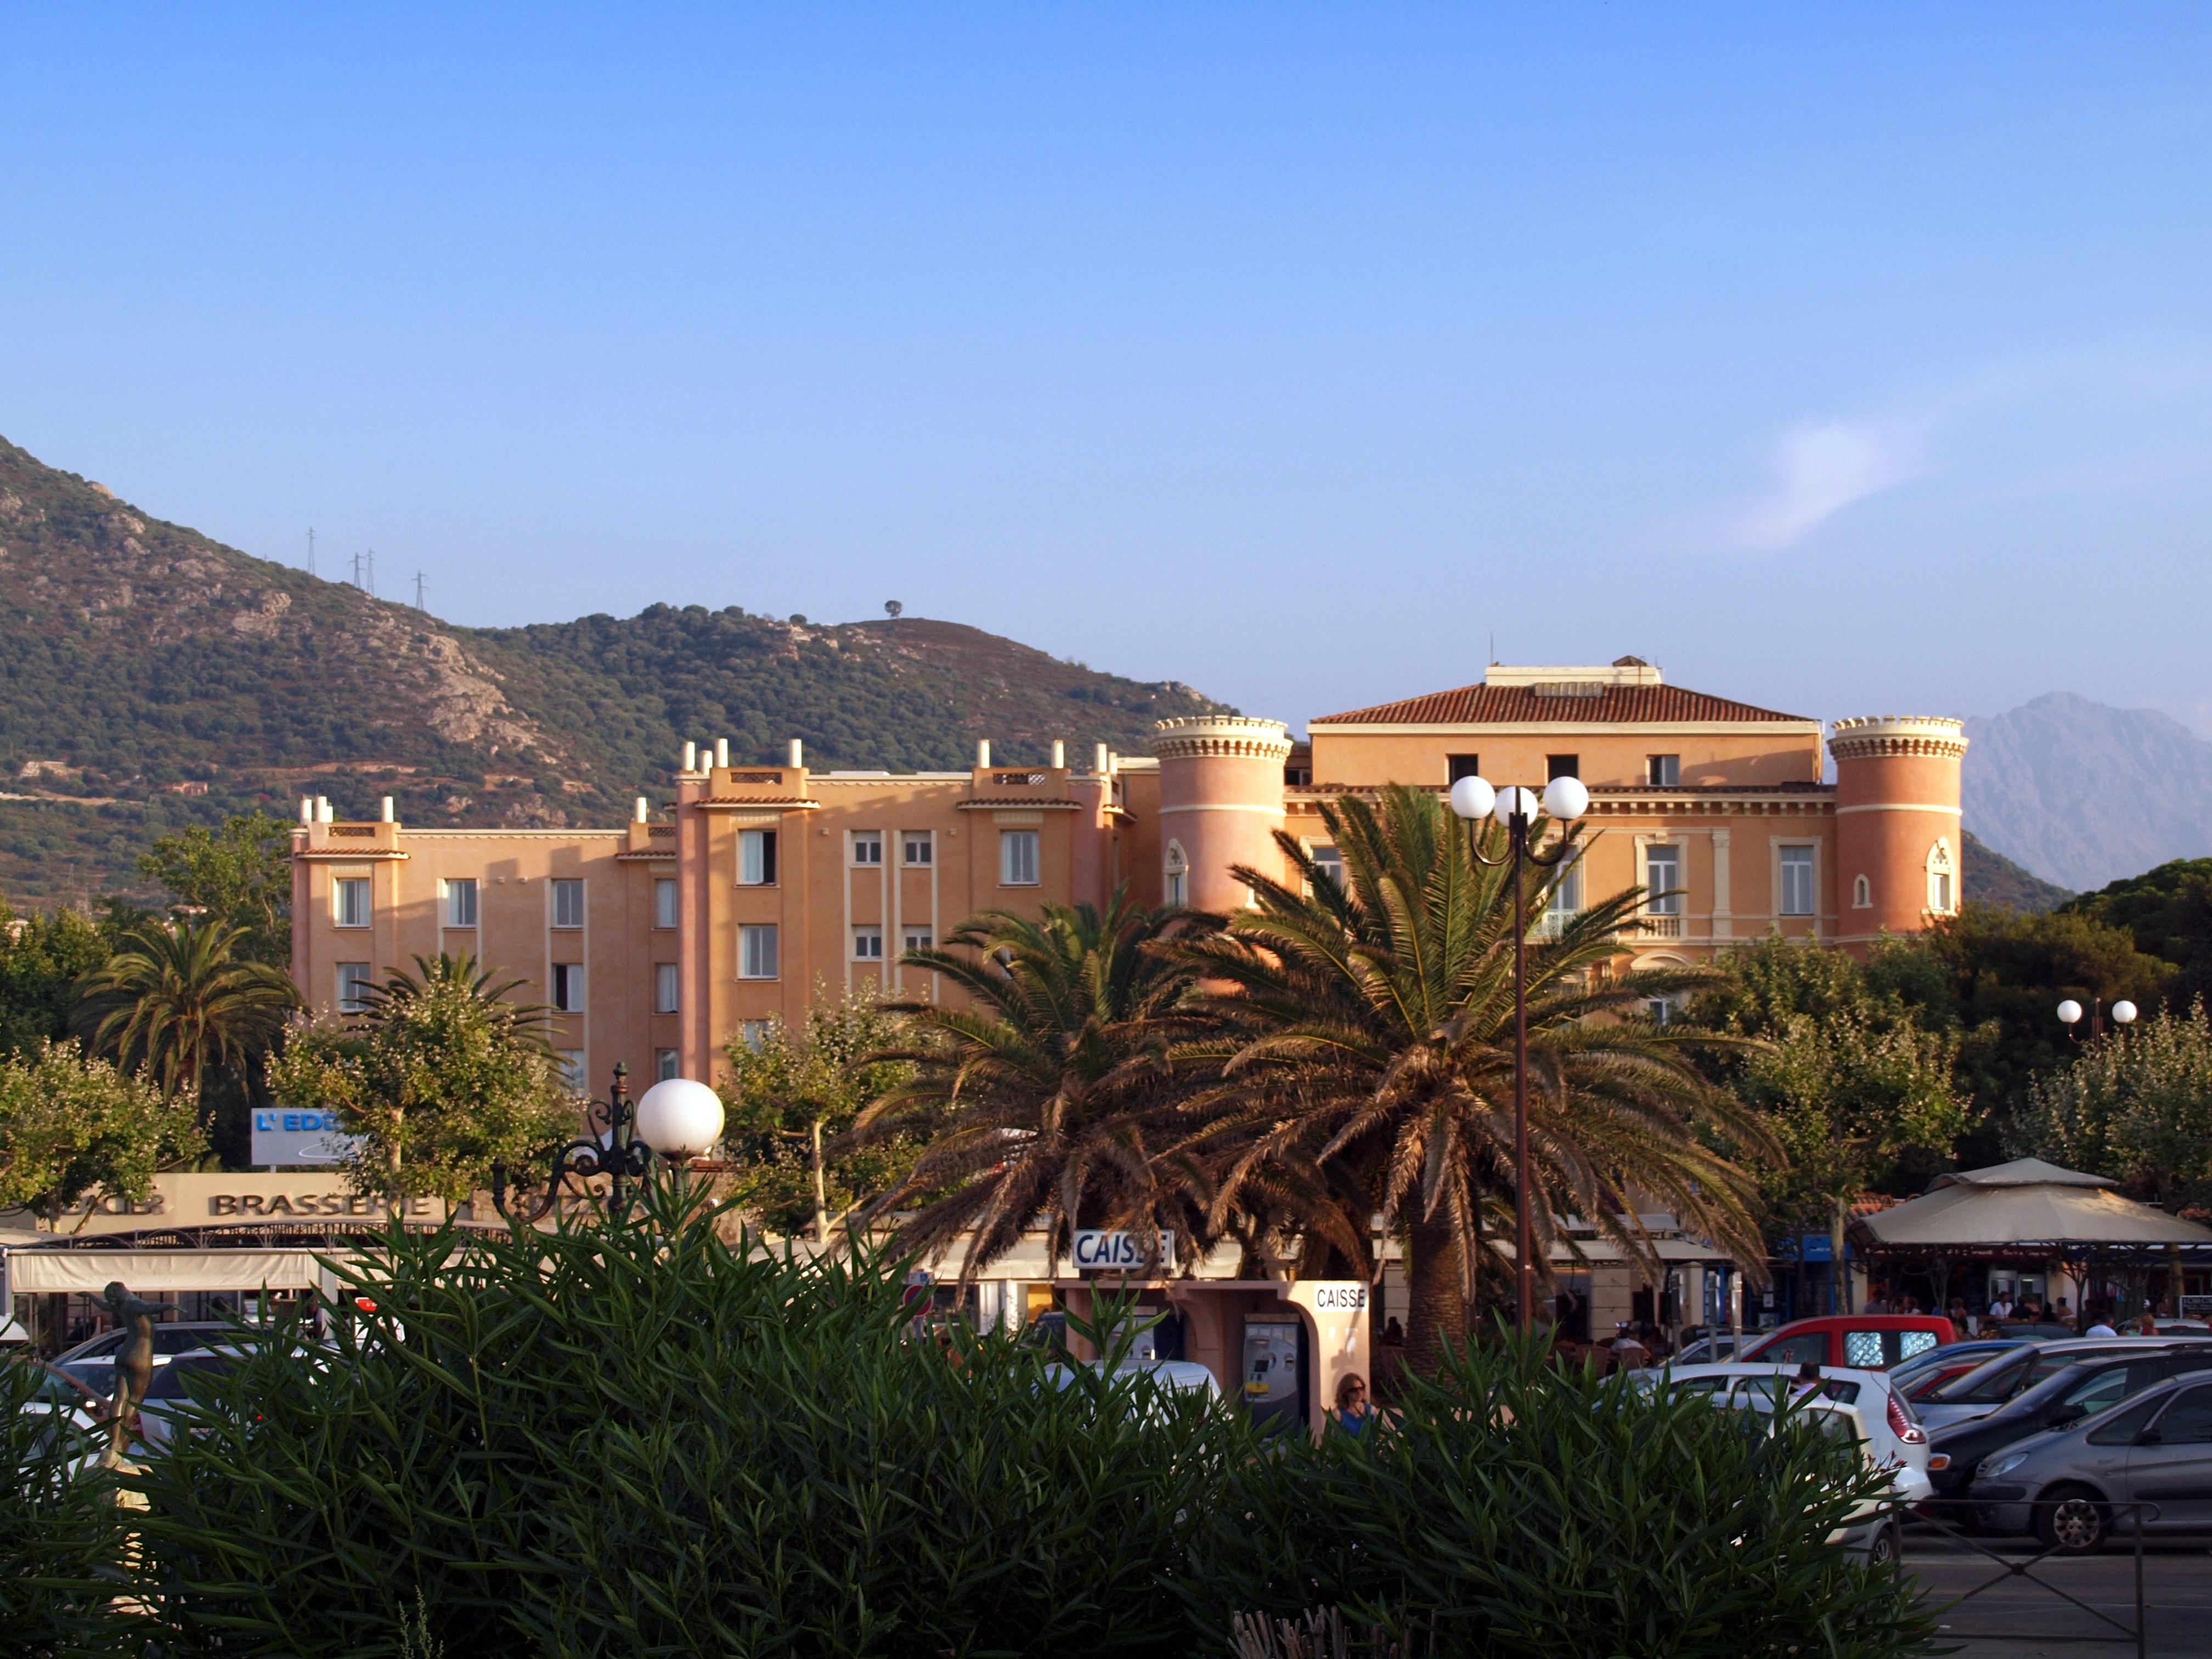 Hotel B And B Ile Napoleon